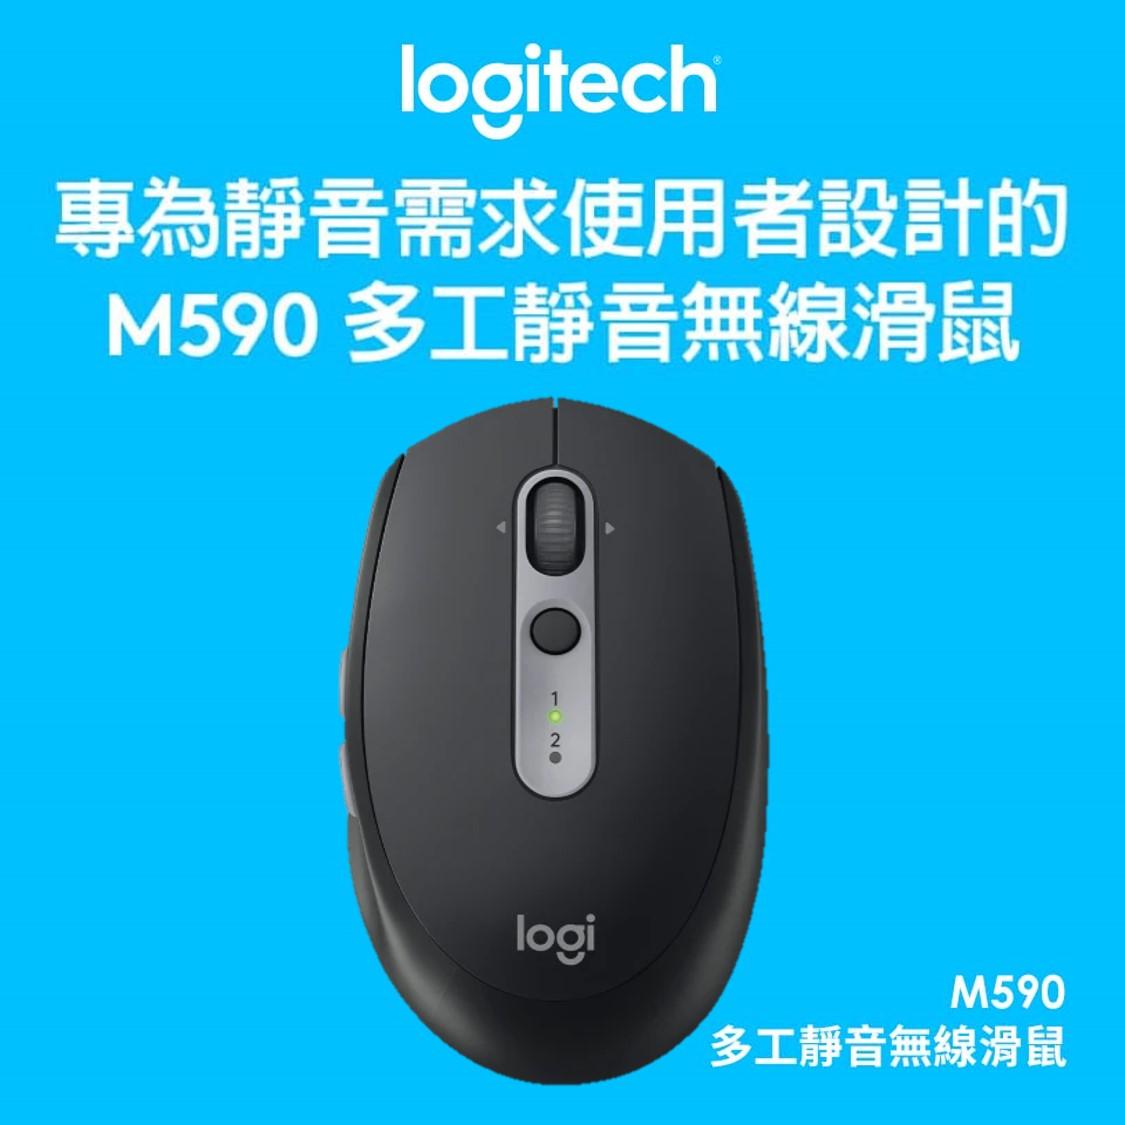 羅技M590多工靜音無線滑鼠-炭石黑(910-005200)